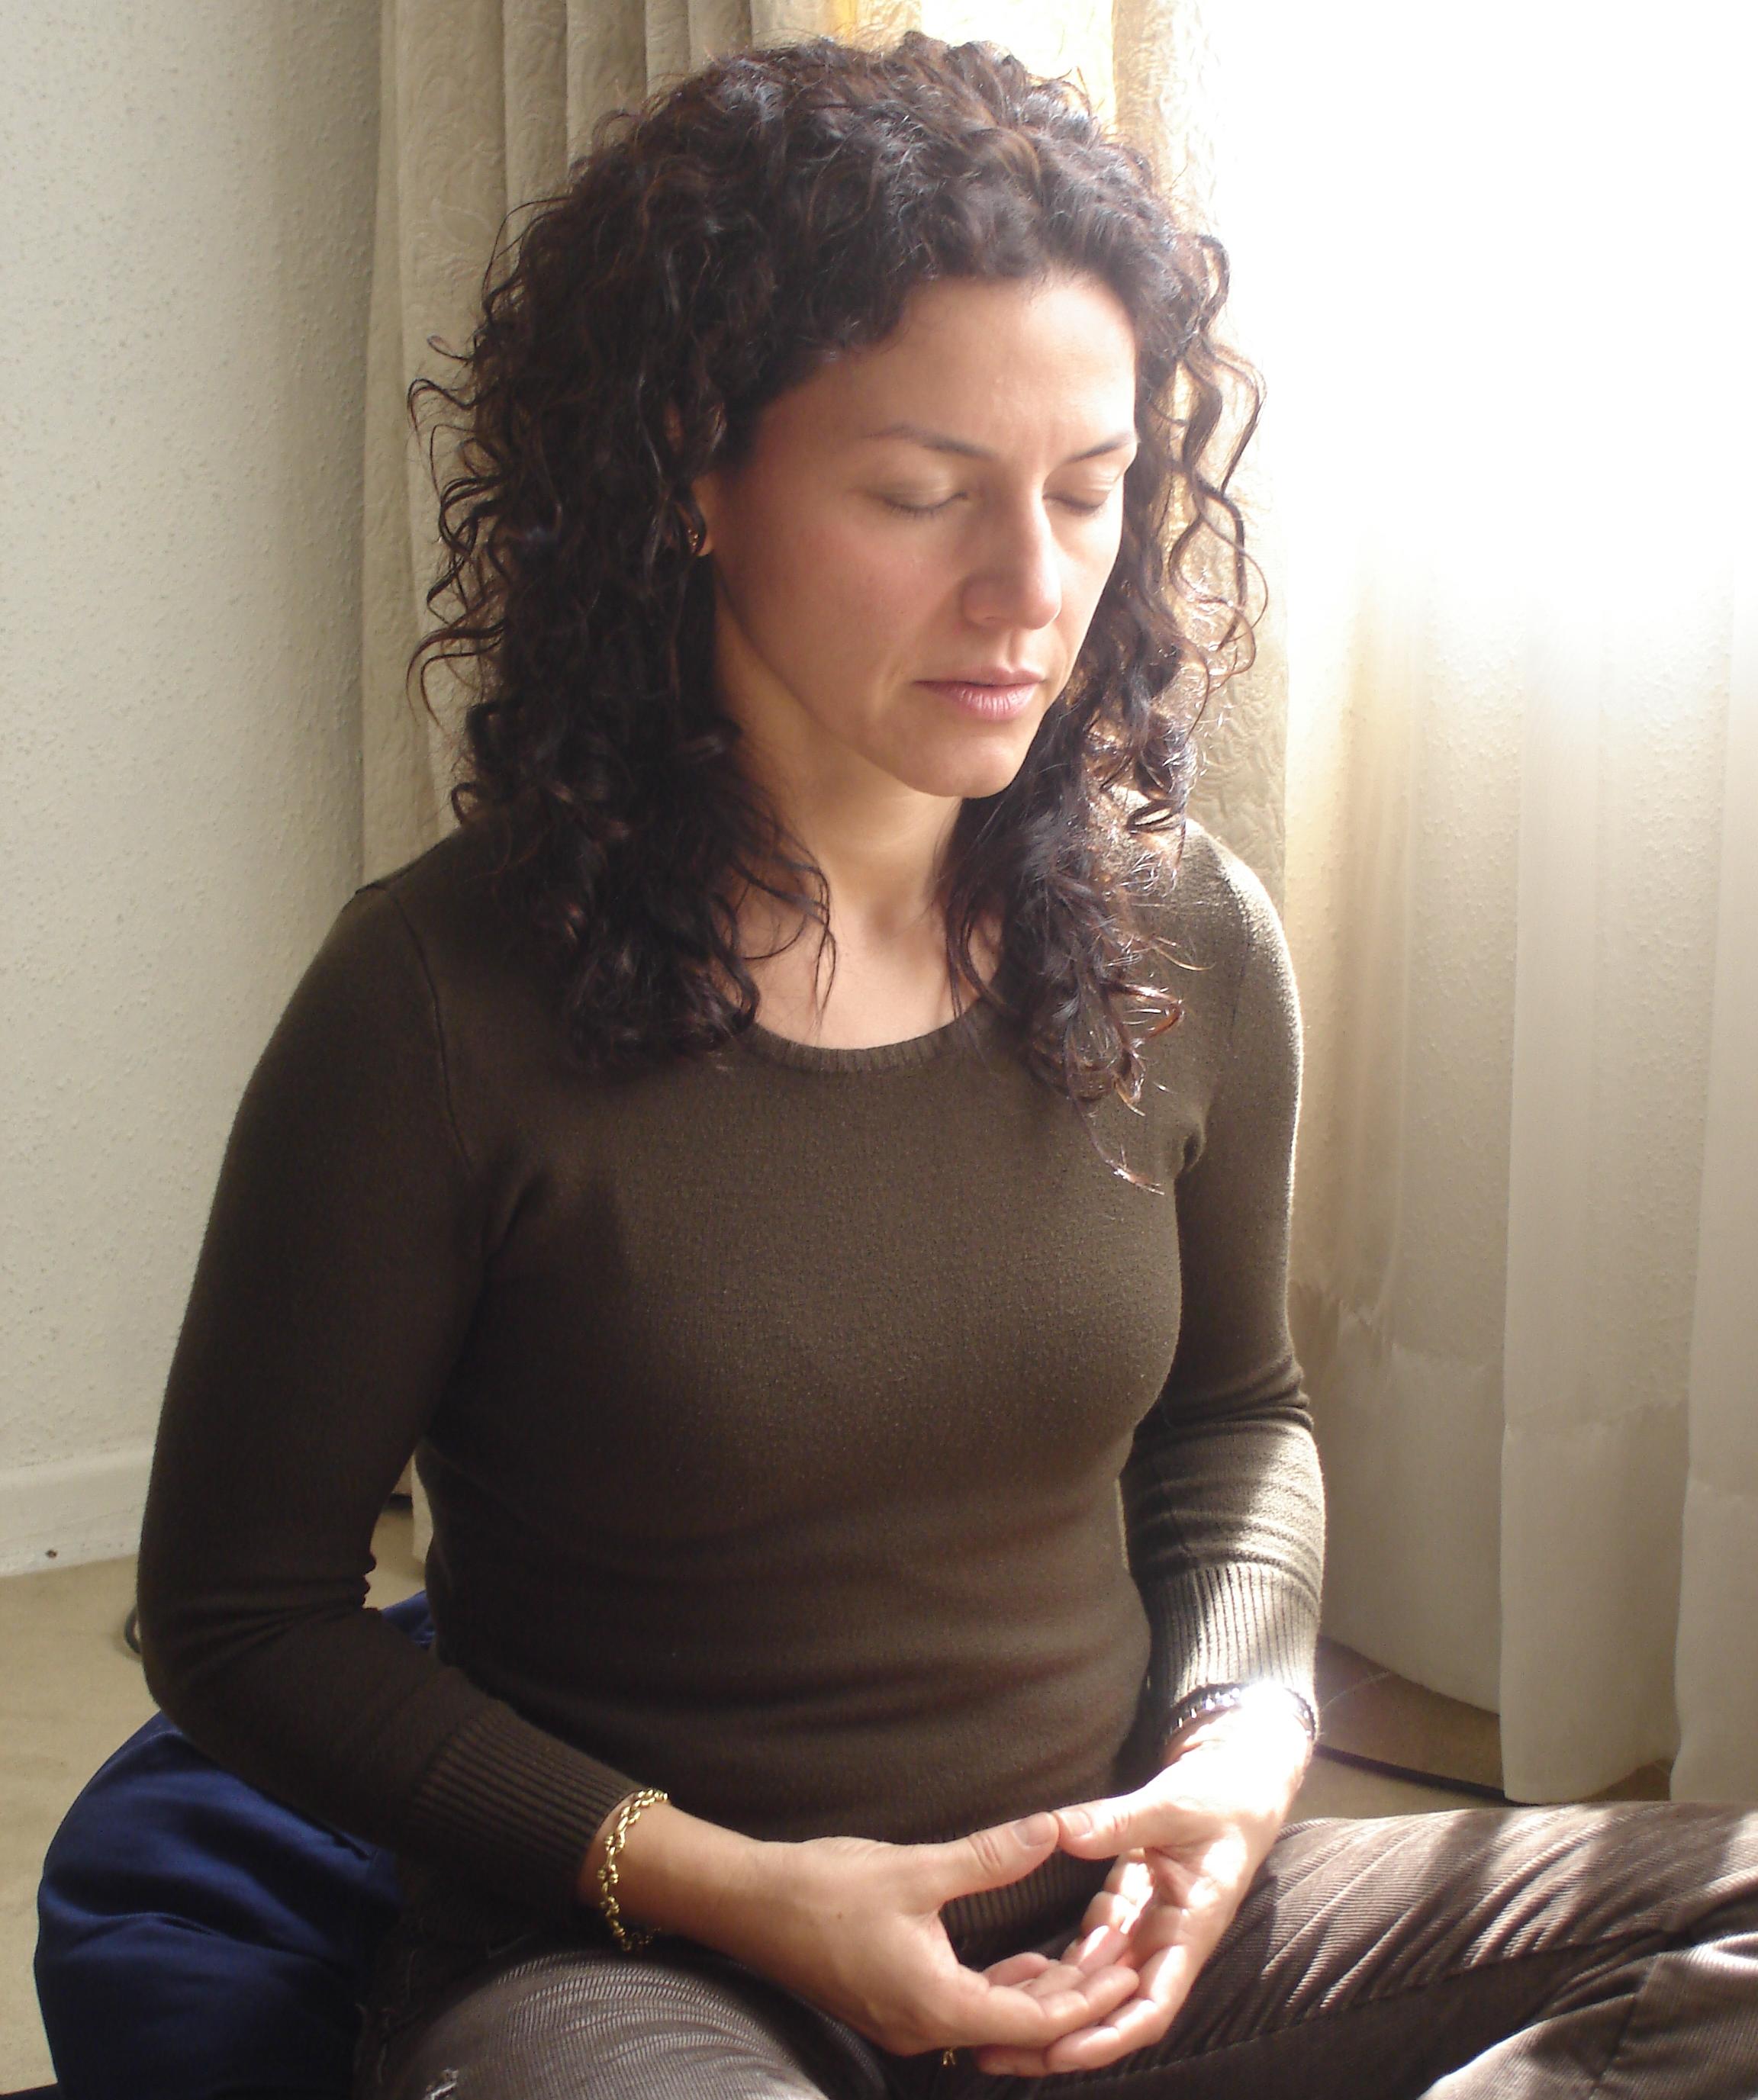 Woman Meditating ASSETt0szabw83wbazk.jpg